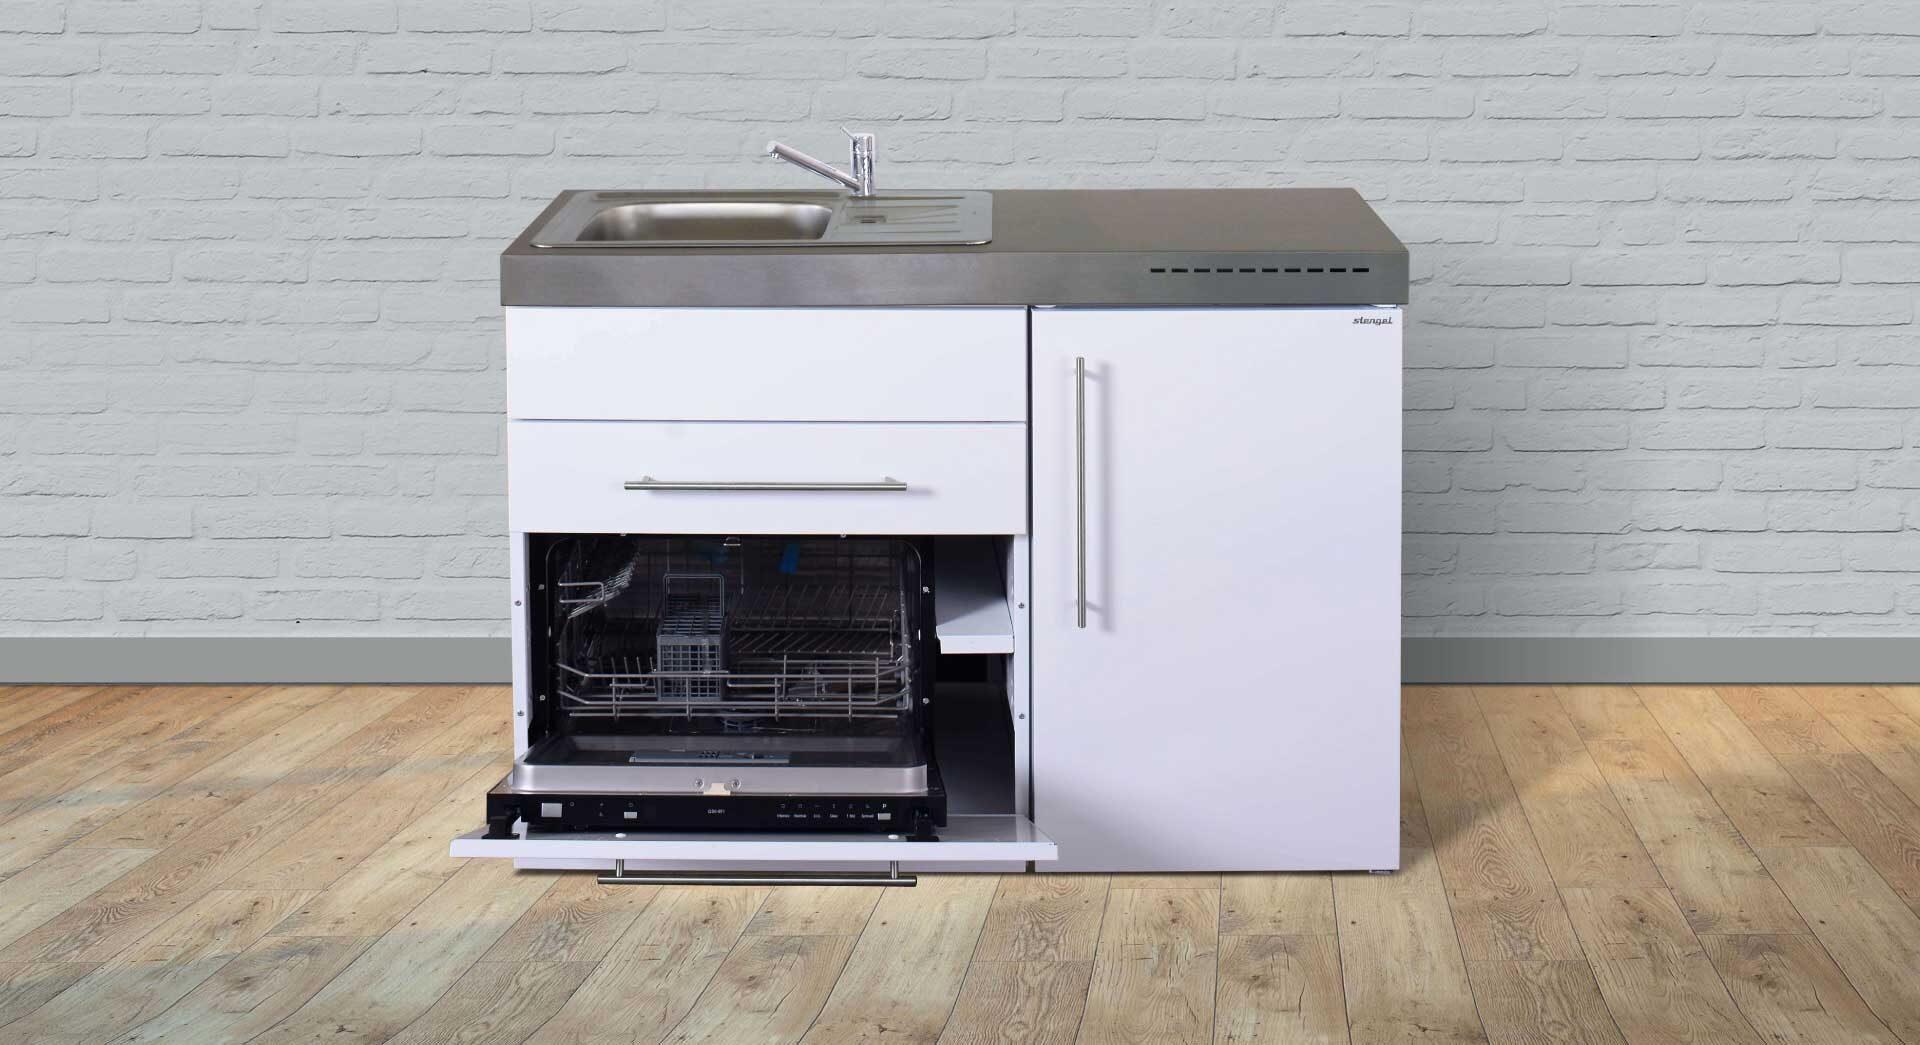 Kimbrer minikøkken MPGS 120 - med køleskab og frys, opvaskemaskine etc. Se pris og produktinfo.